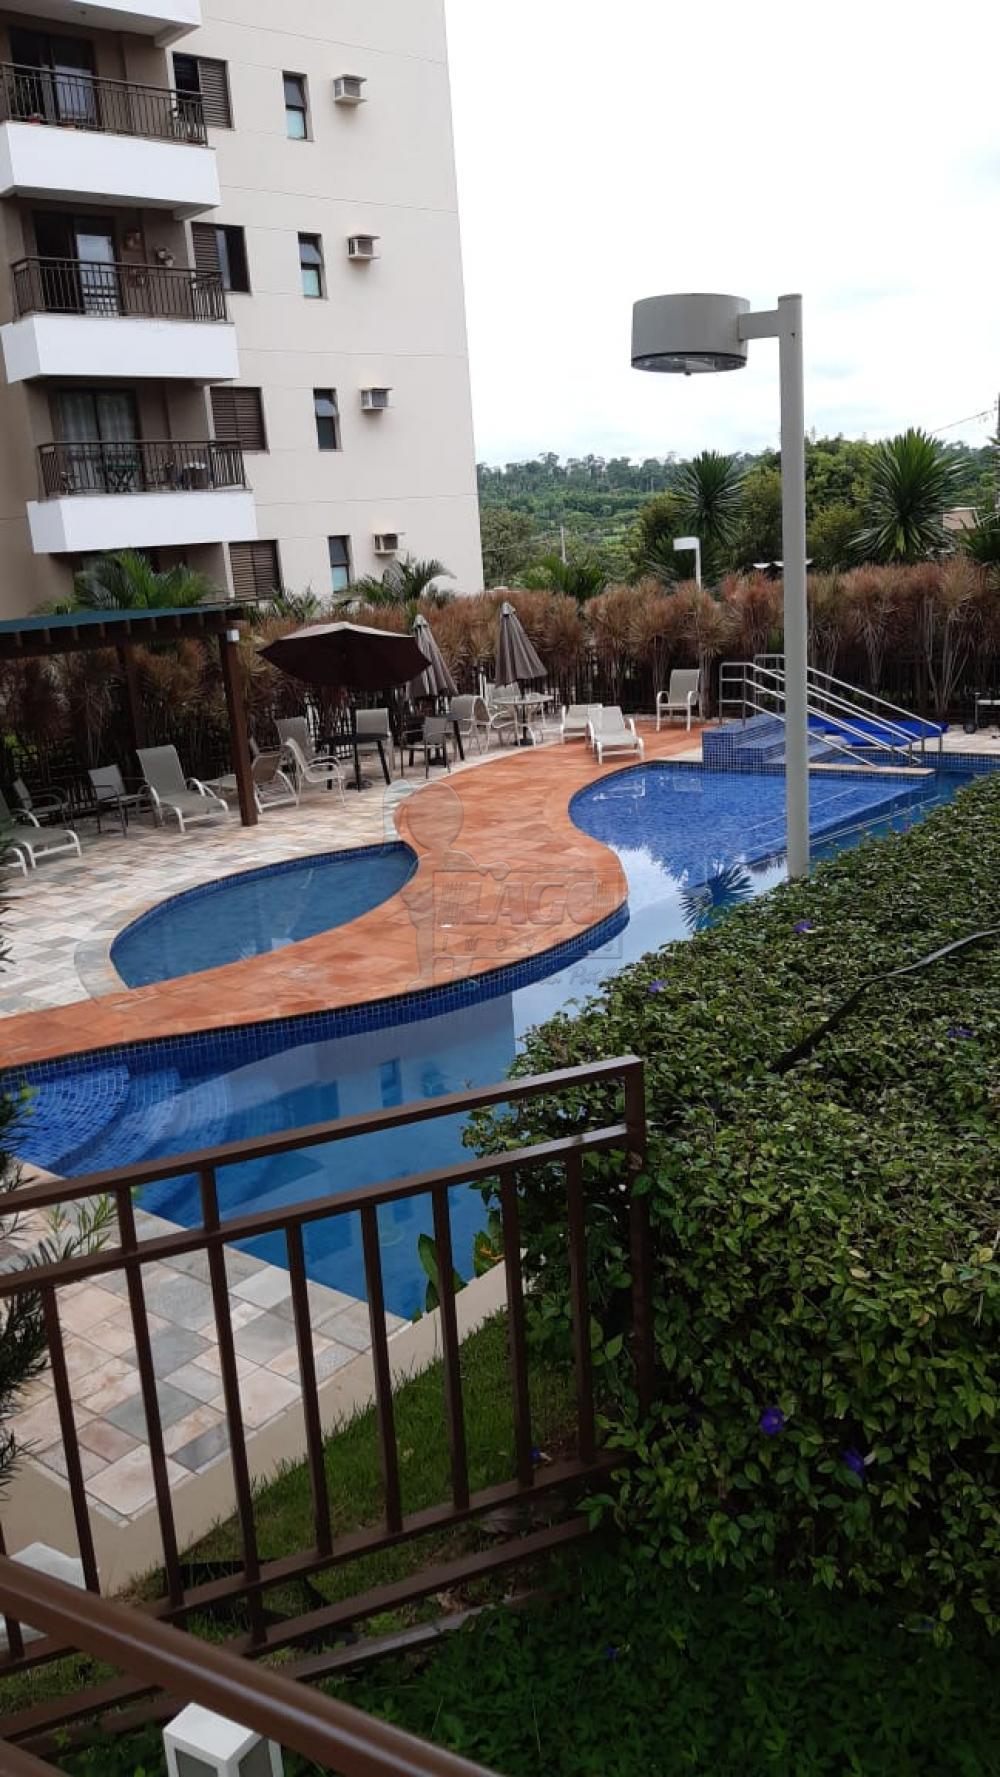 Comprar Apartamento / Padrão em Ribeirão Preto apenas R$ 300.000,00 - Foto 3